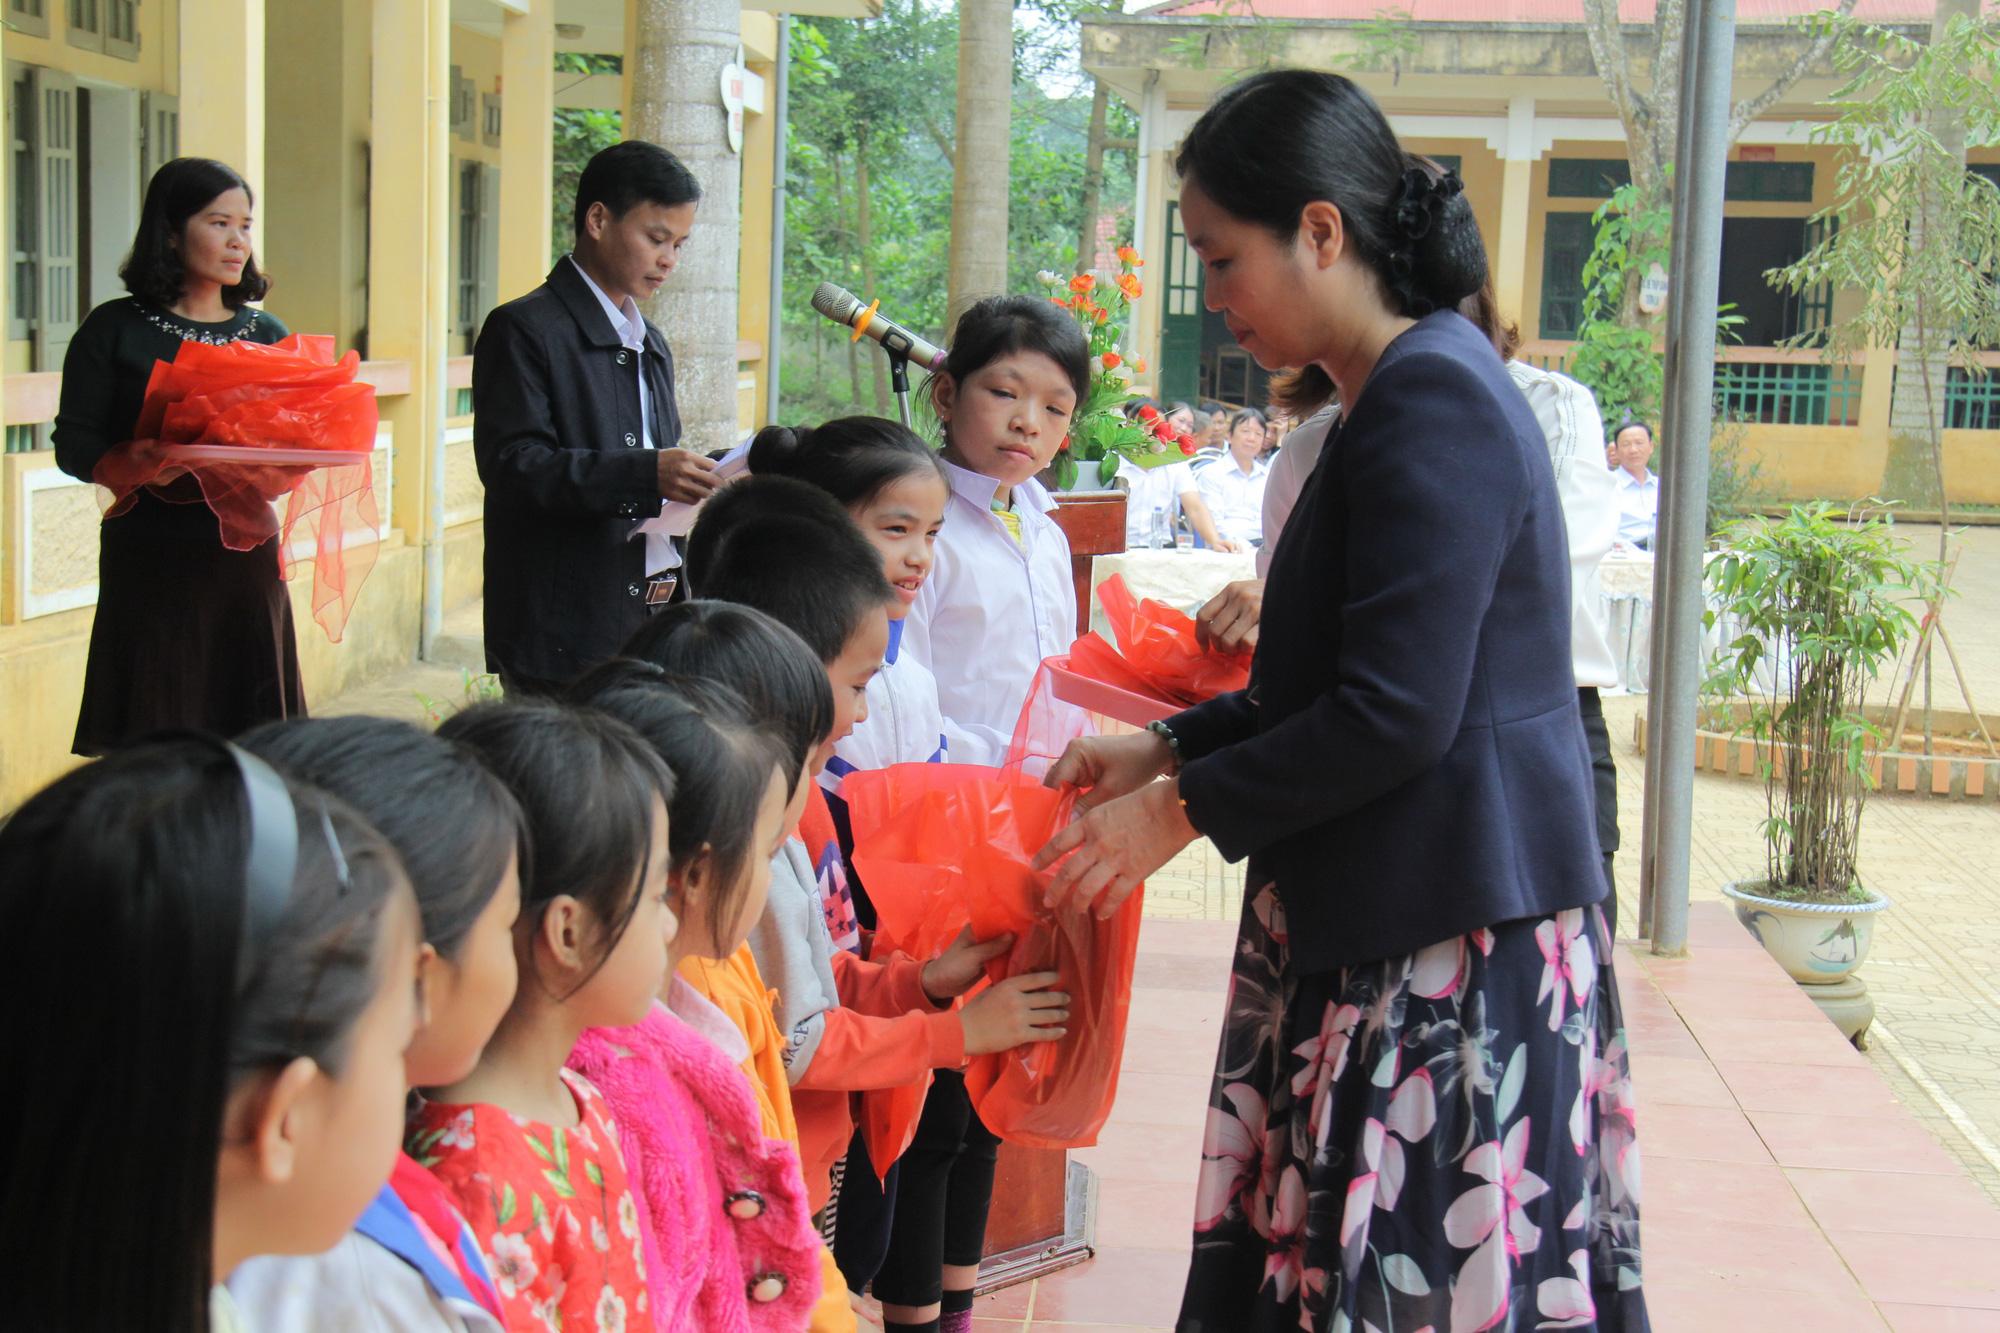 Trao tặng hơn 4.000 đầu sách cho các thư viện, trường học tỉnh Hòa Bình - Ảnh 4.